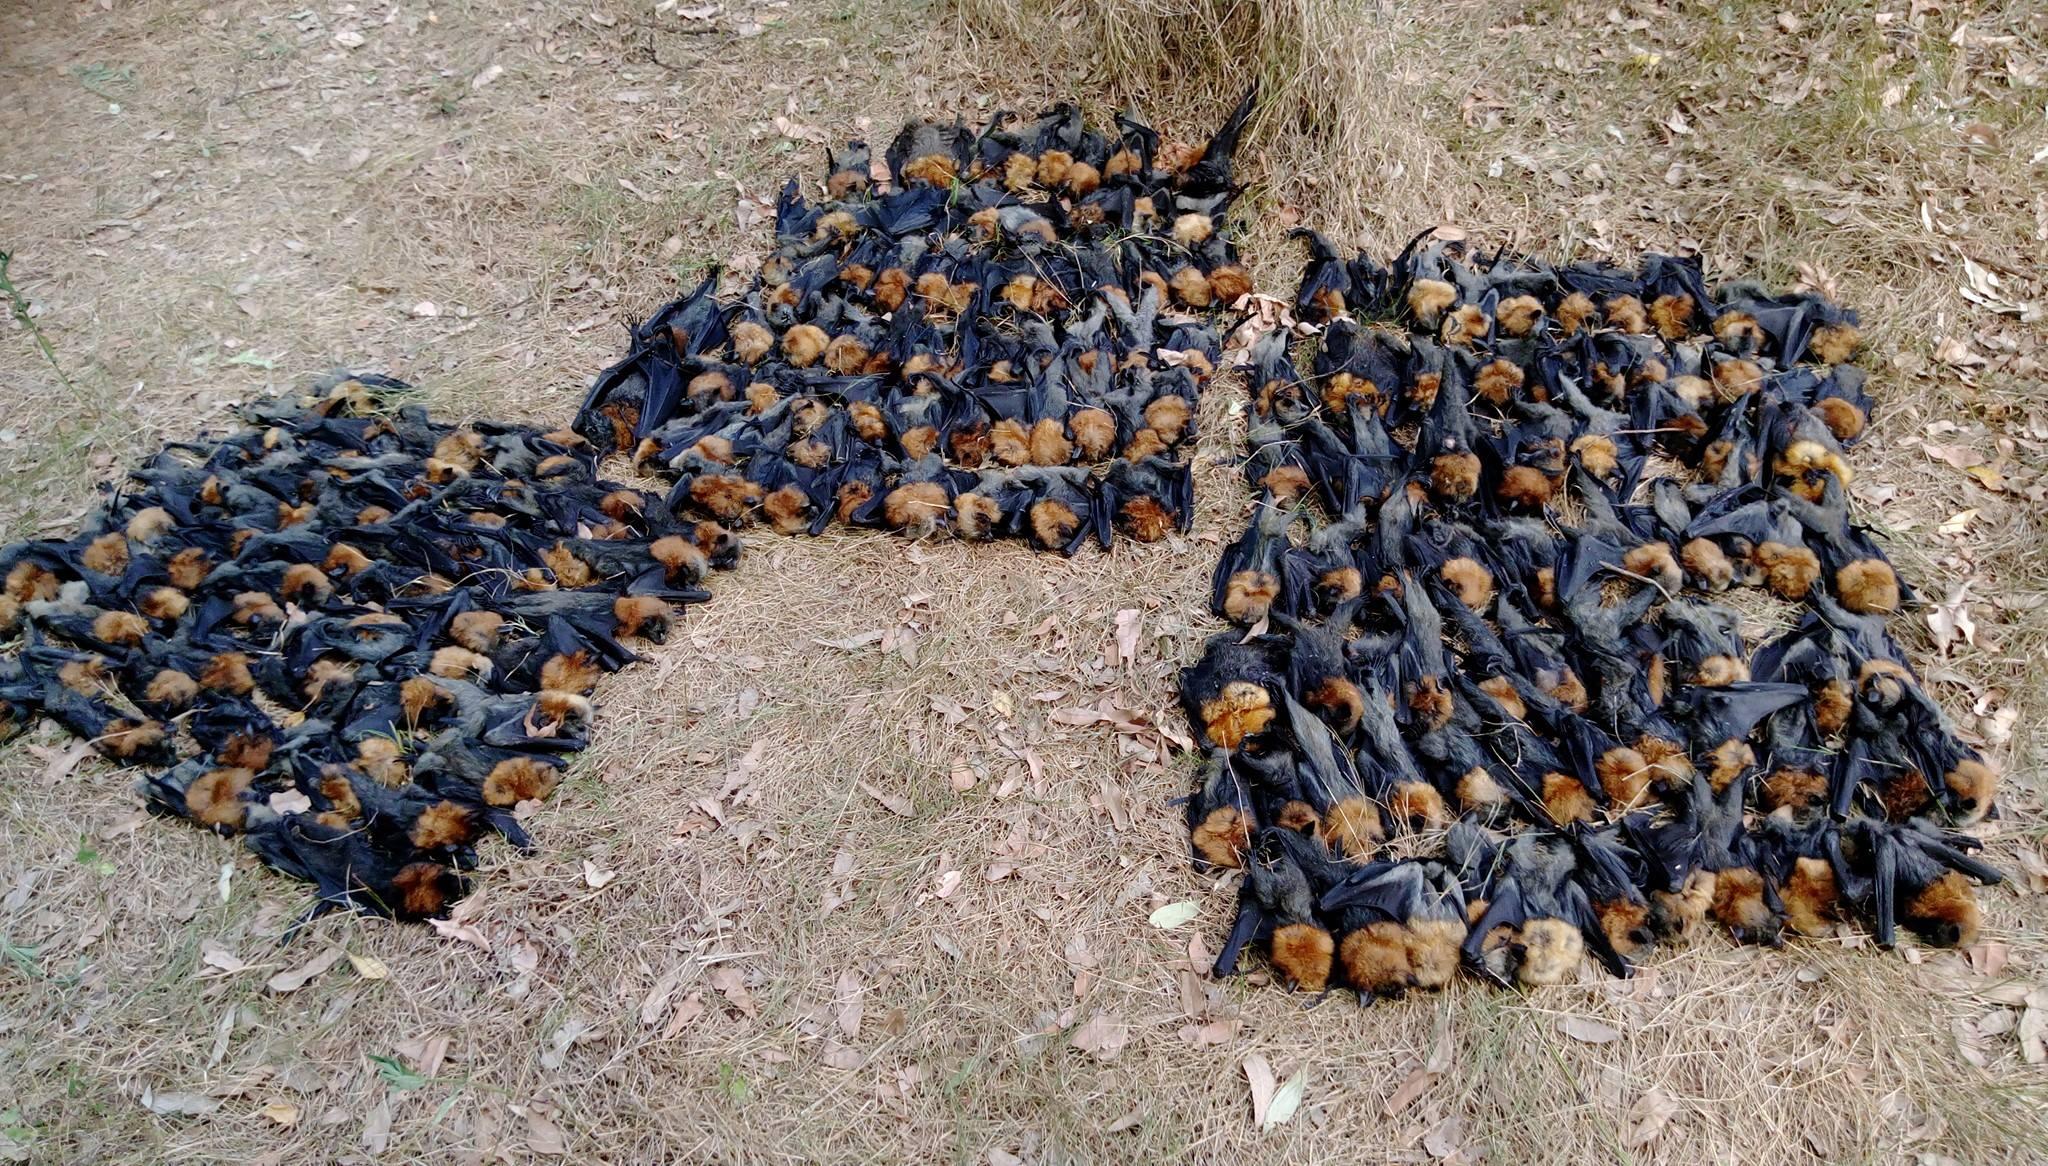 Morcegos mortos na Austrália